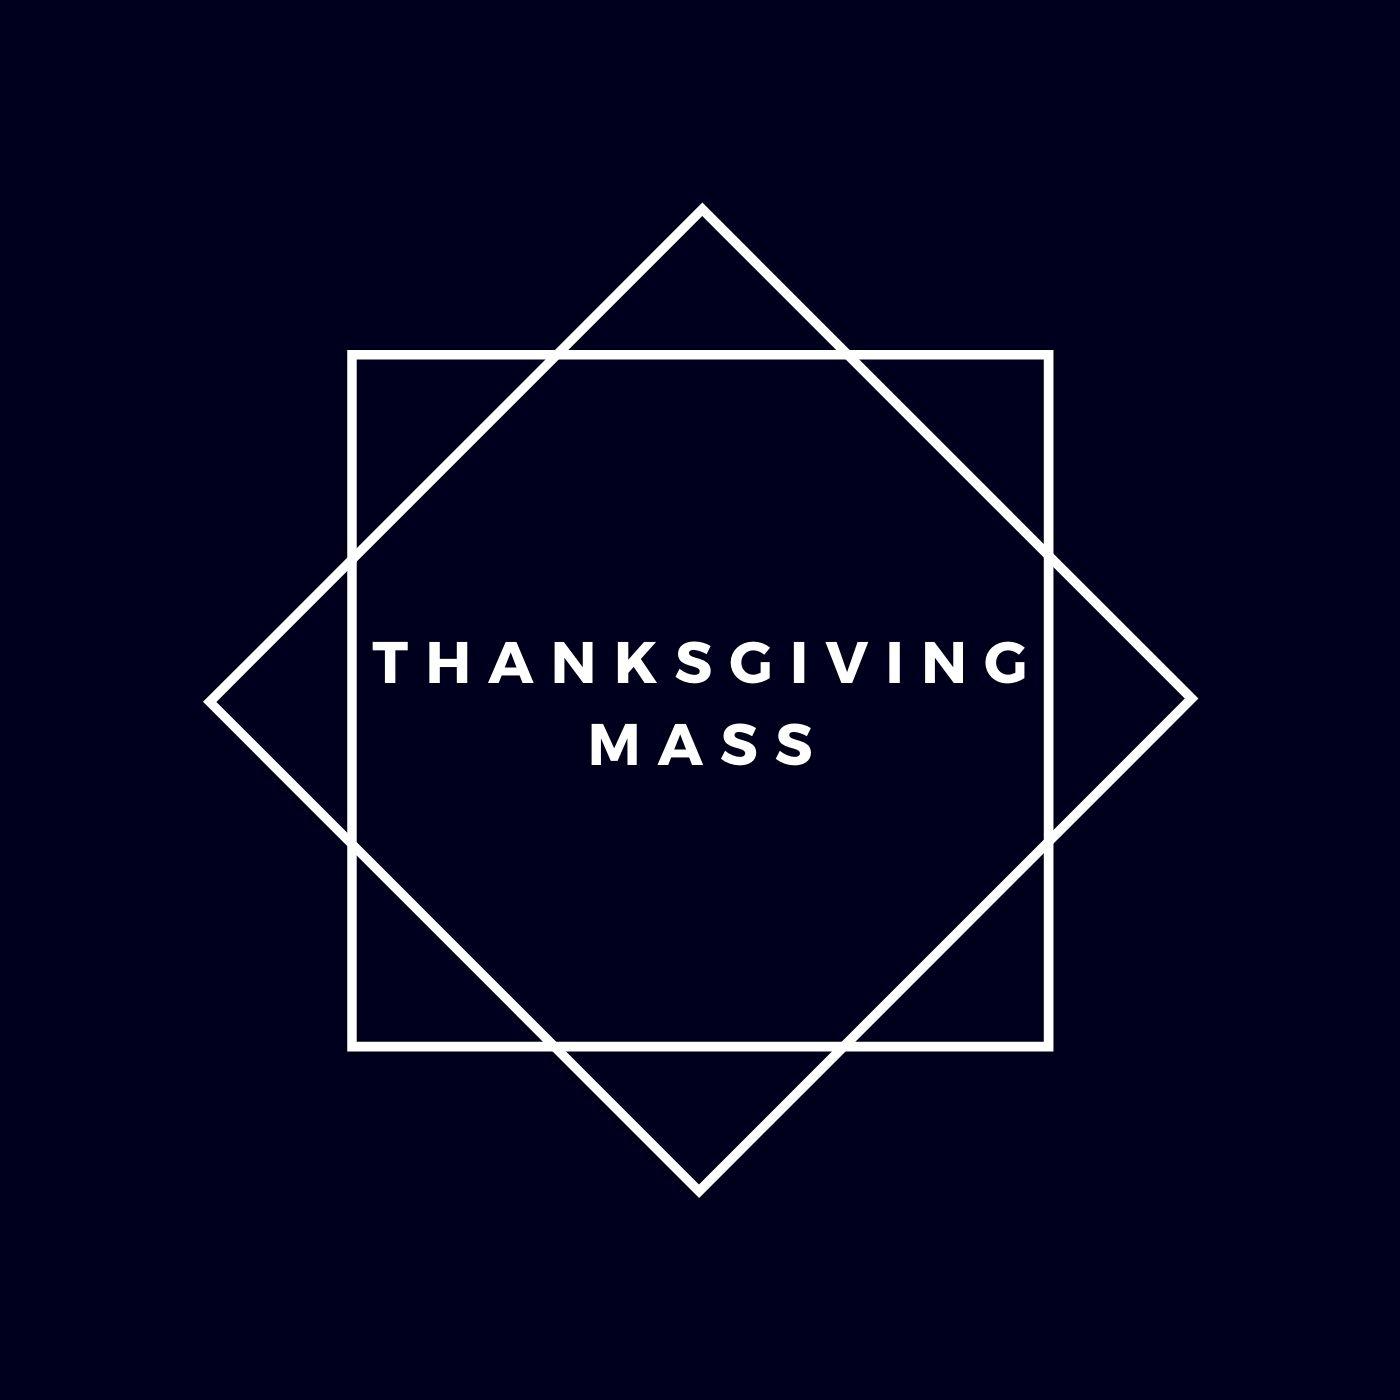 Thanksgiving Mass